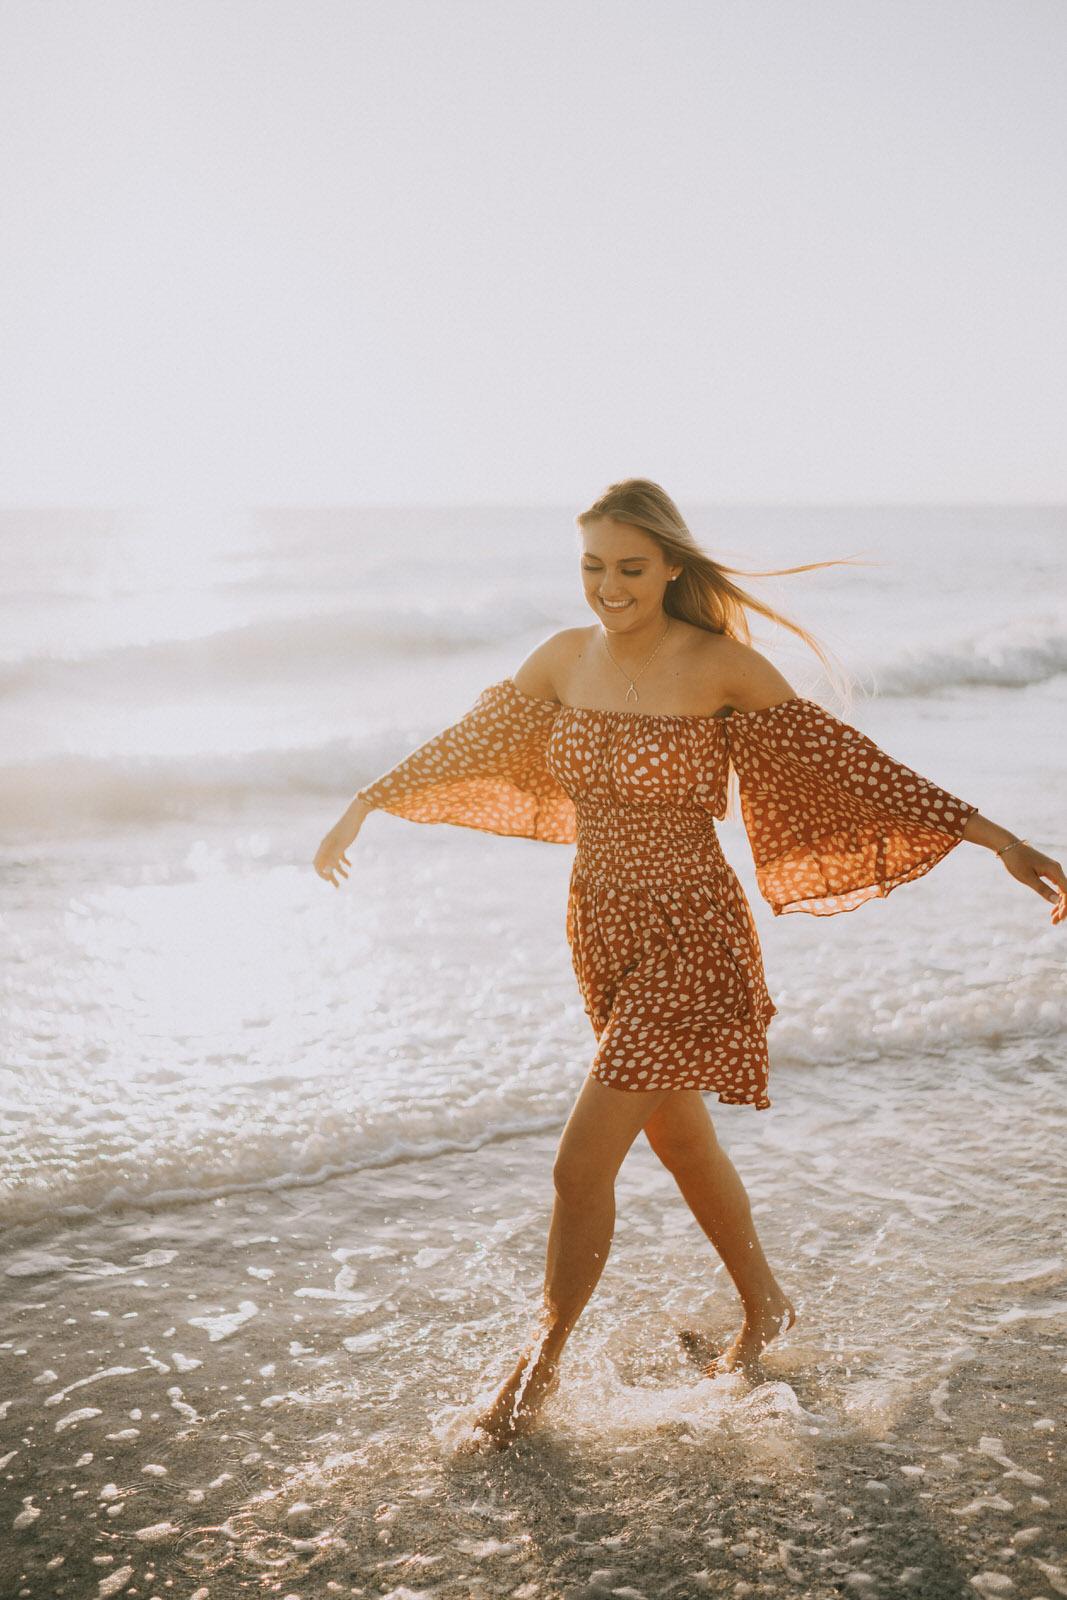 Fort Myers Senior Photos on Bonita Beach - Michelle Gonzalez Photography - Skyler Hart-99.JPG